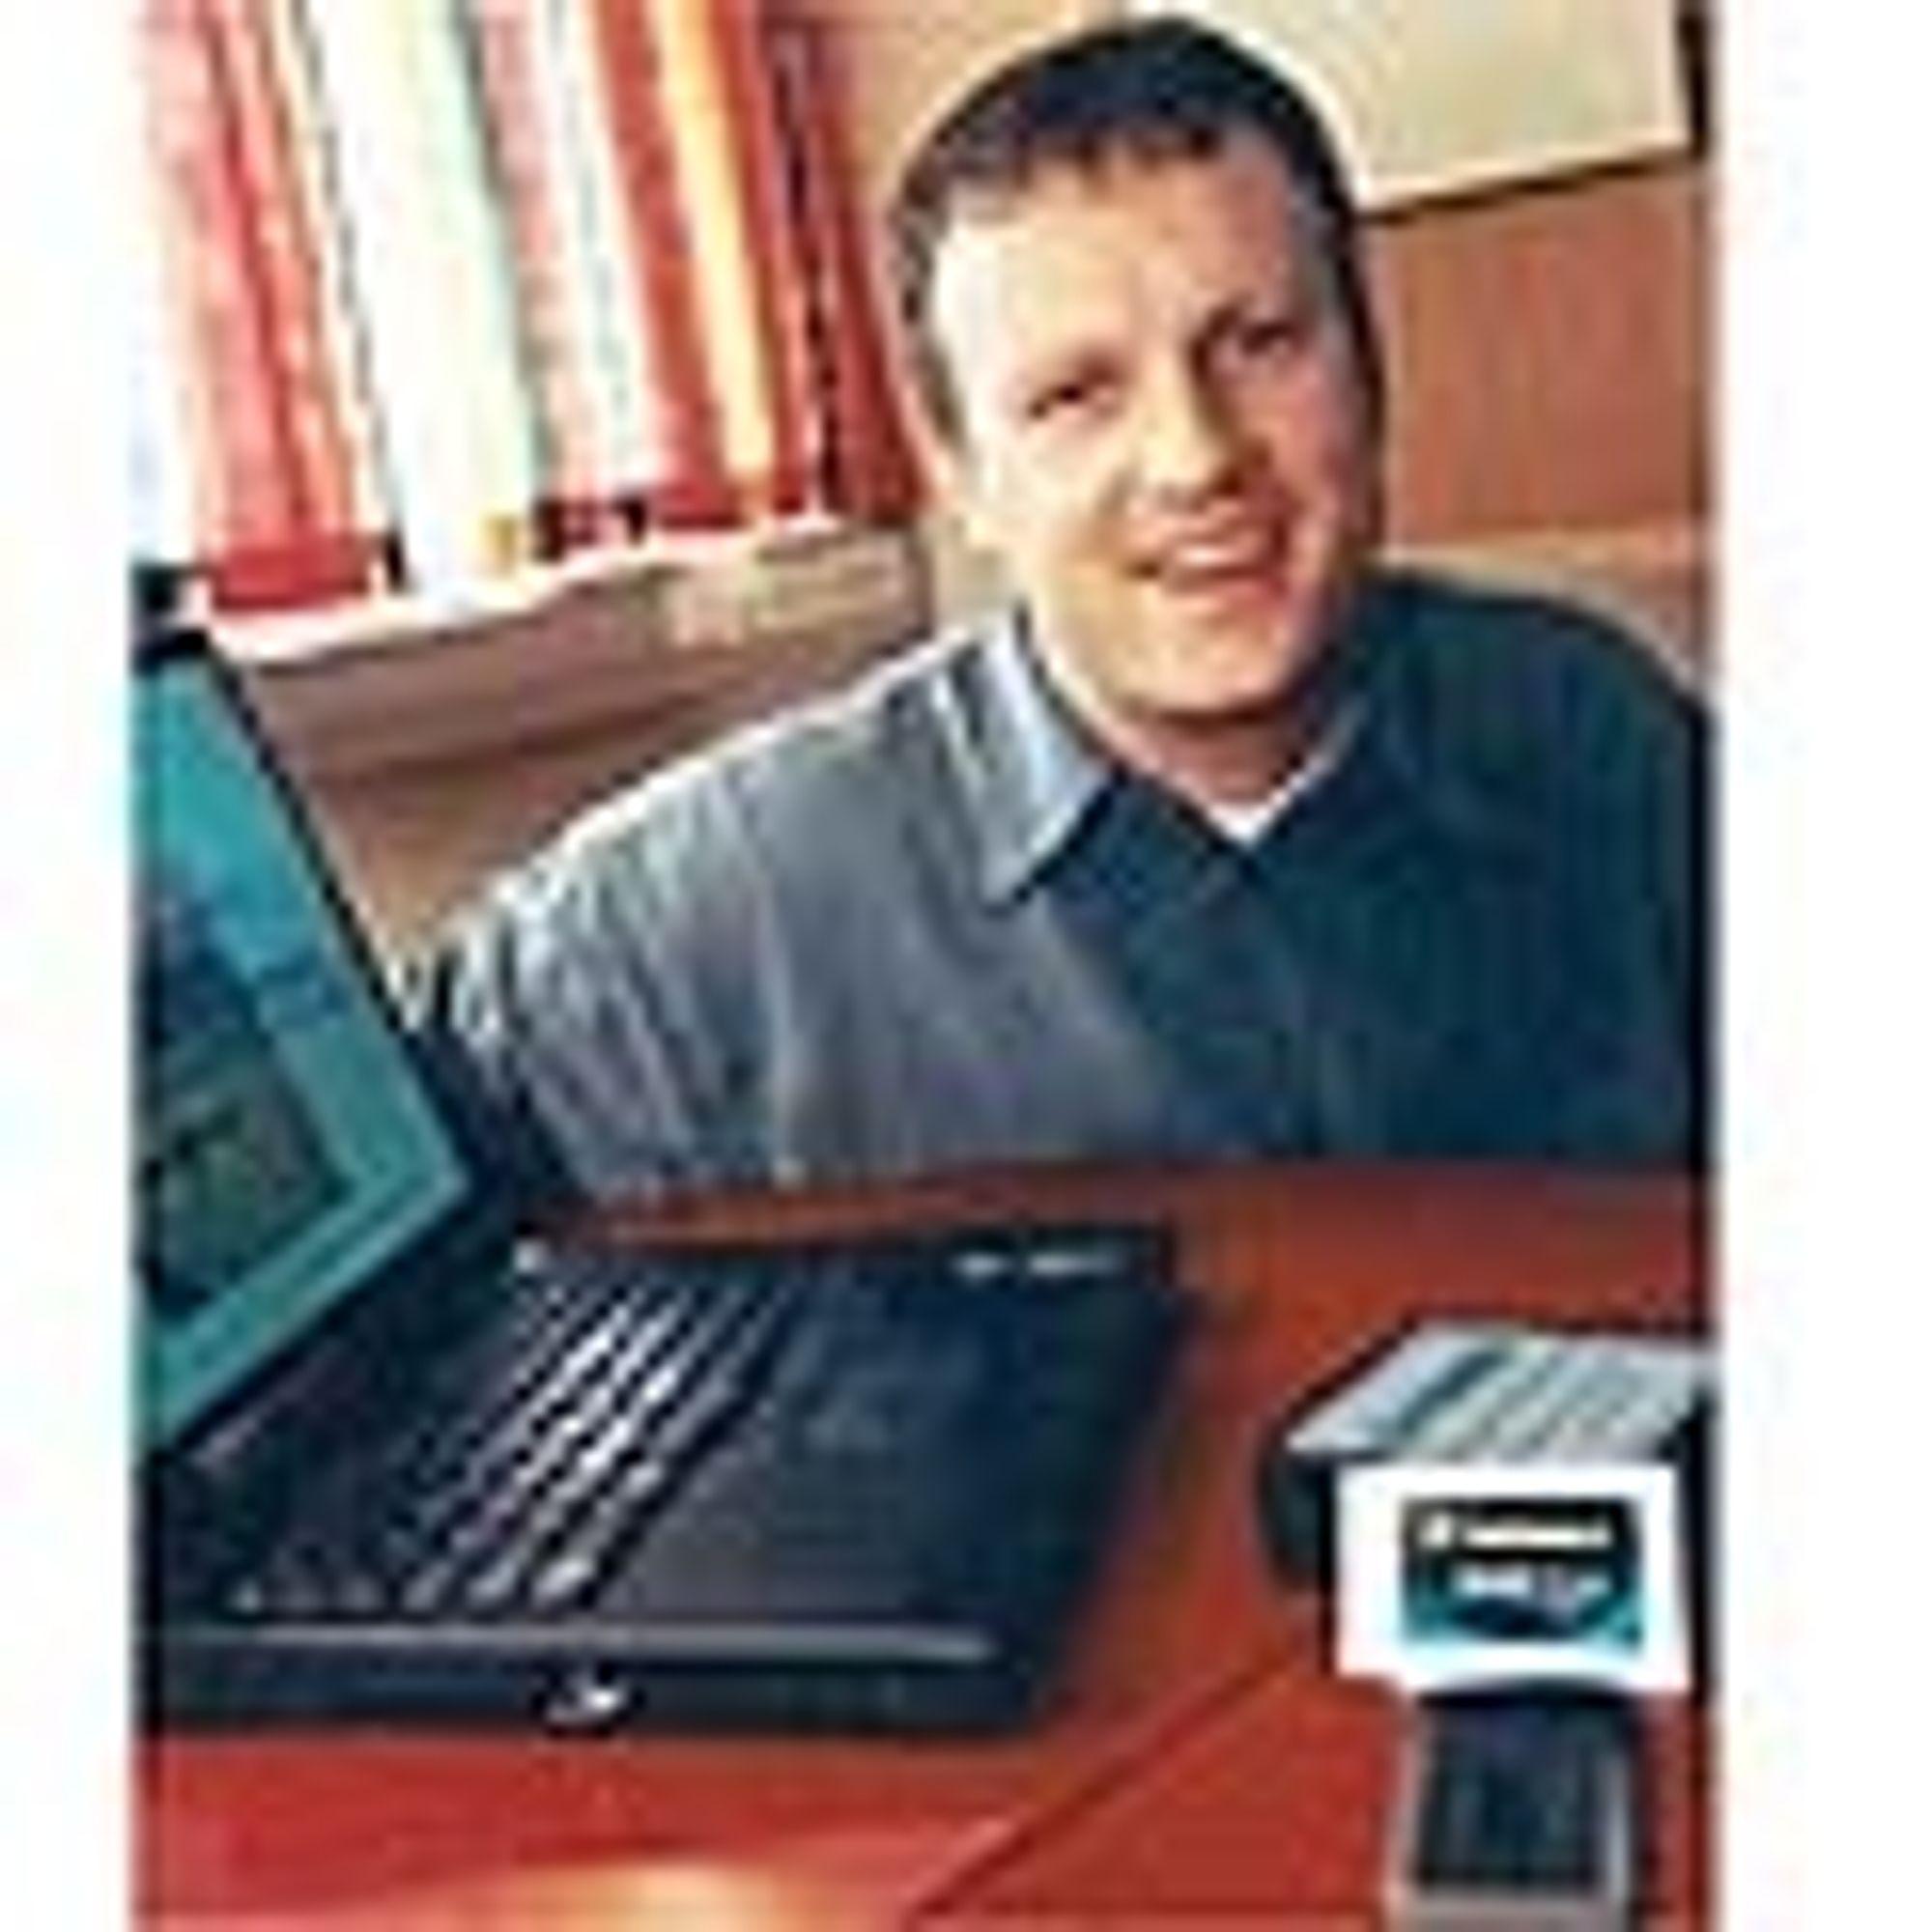 VISJON: Med PC eller håndholdt terminal vil Birdsteps Haakon Bryhni gjerne kunne bevege gjennom ulike nett, alt fra GSM til Bluetooth, uten å miste forbindelsen.